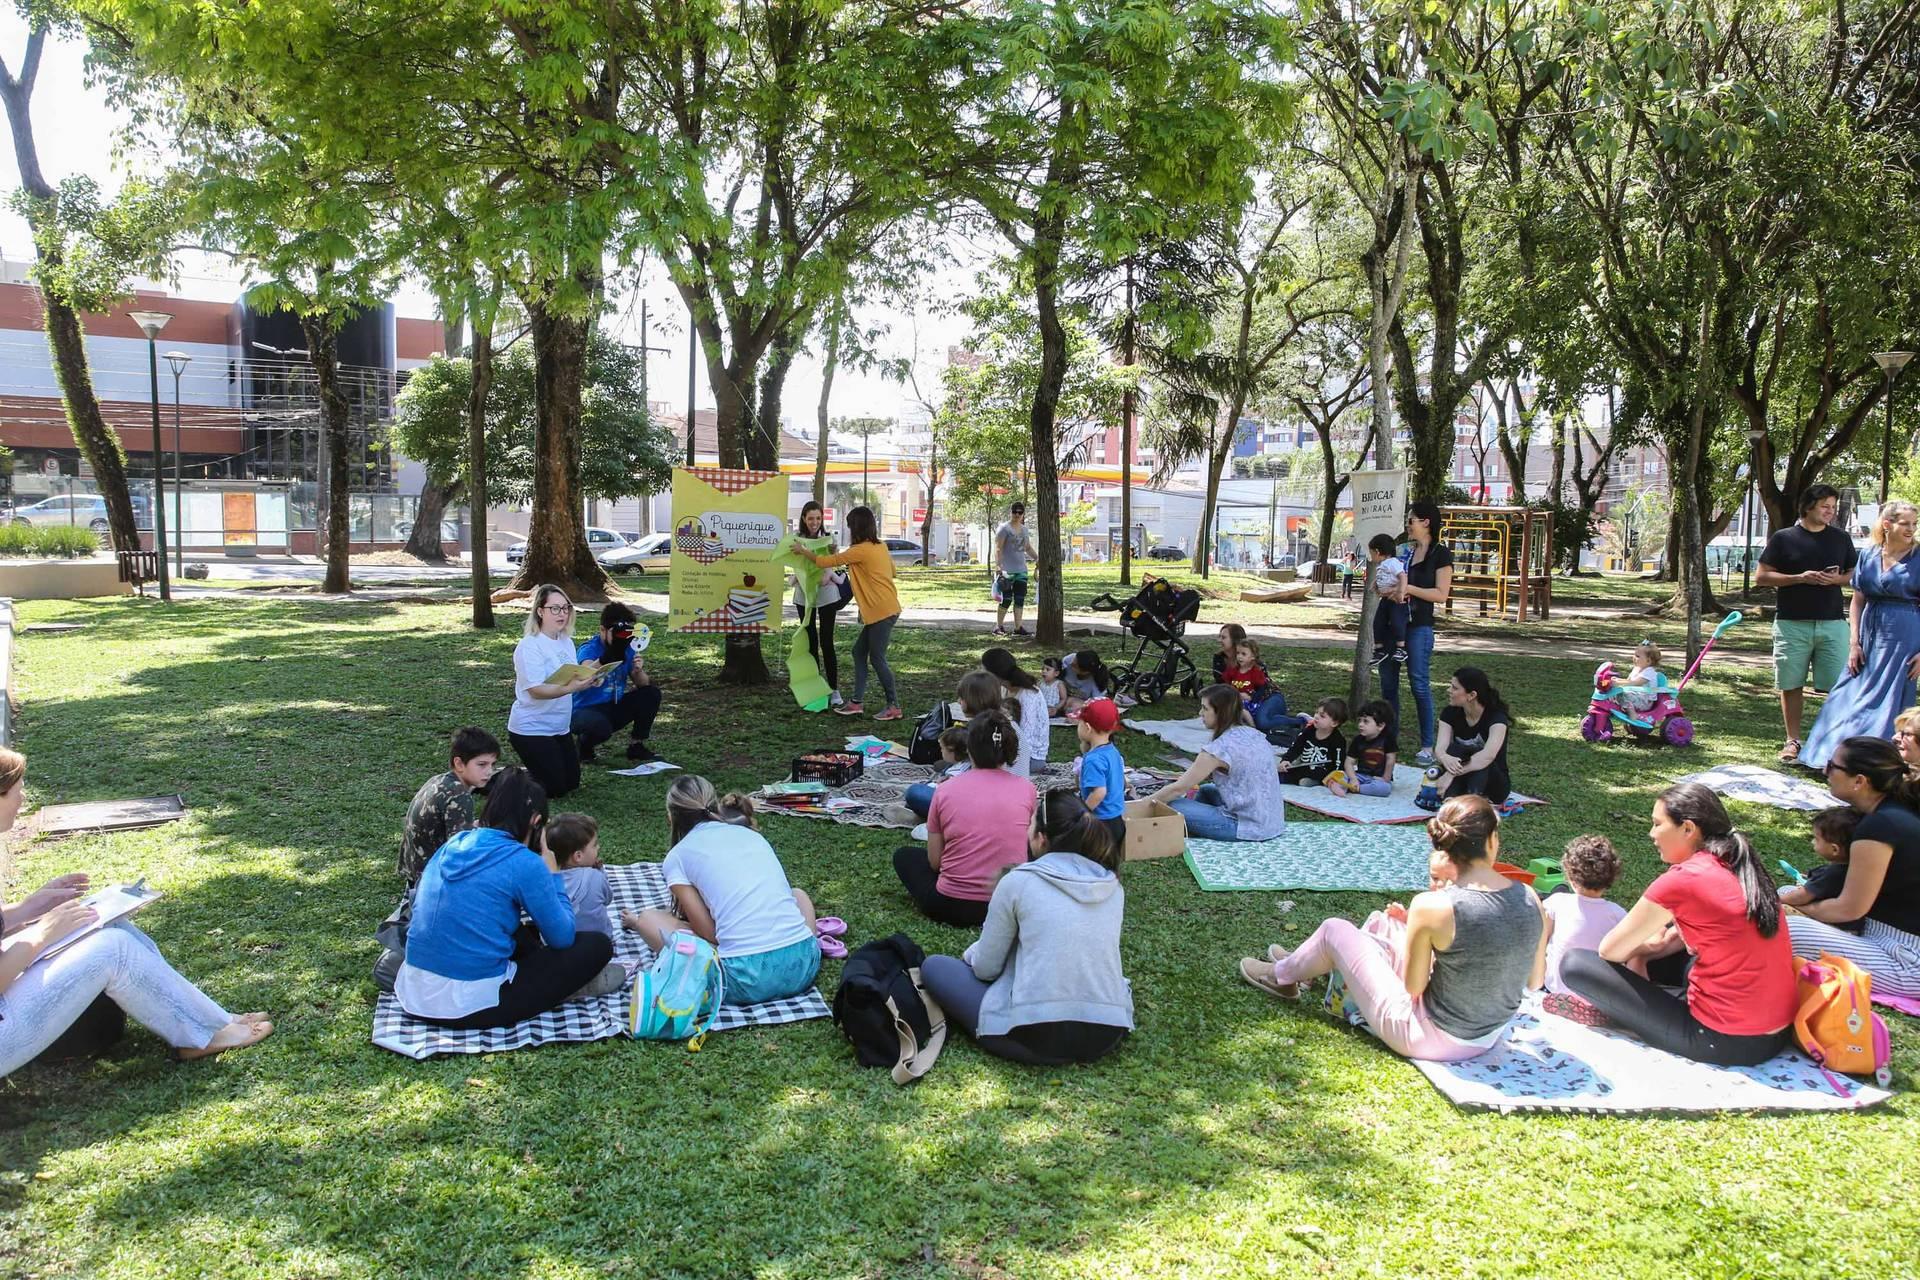 Ação contação de histórias, oficinas, trocas de livros e rodas de leitura para espaços ao ar livre da cidade.